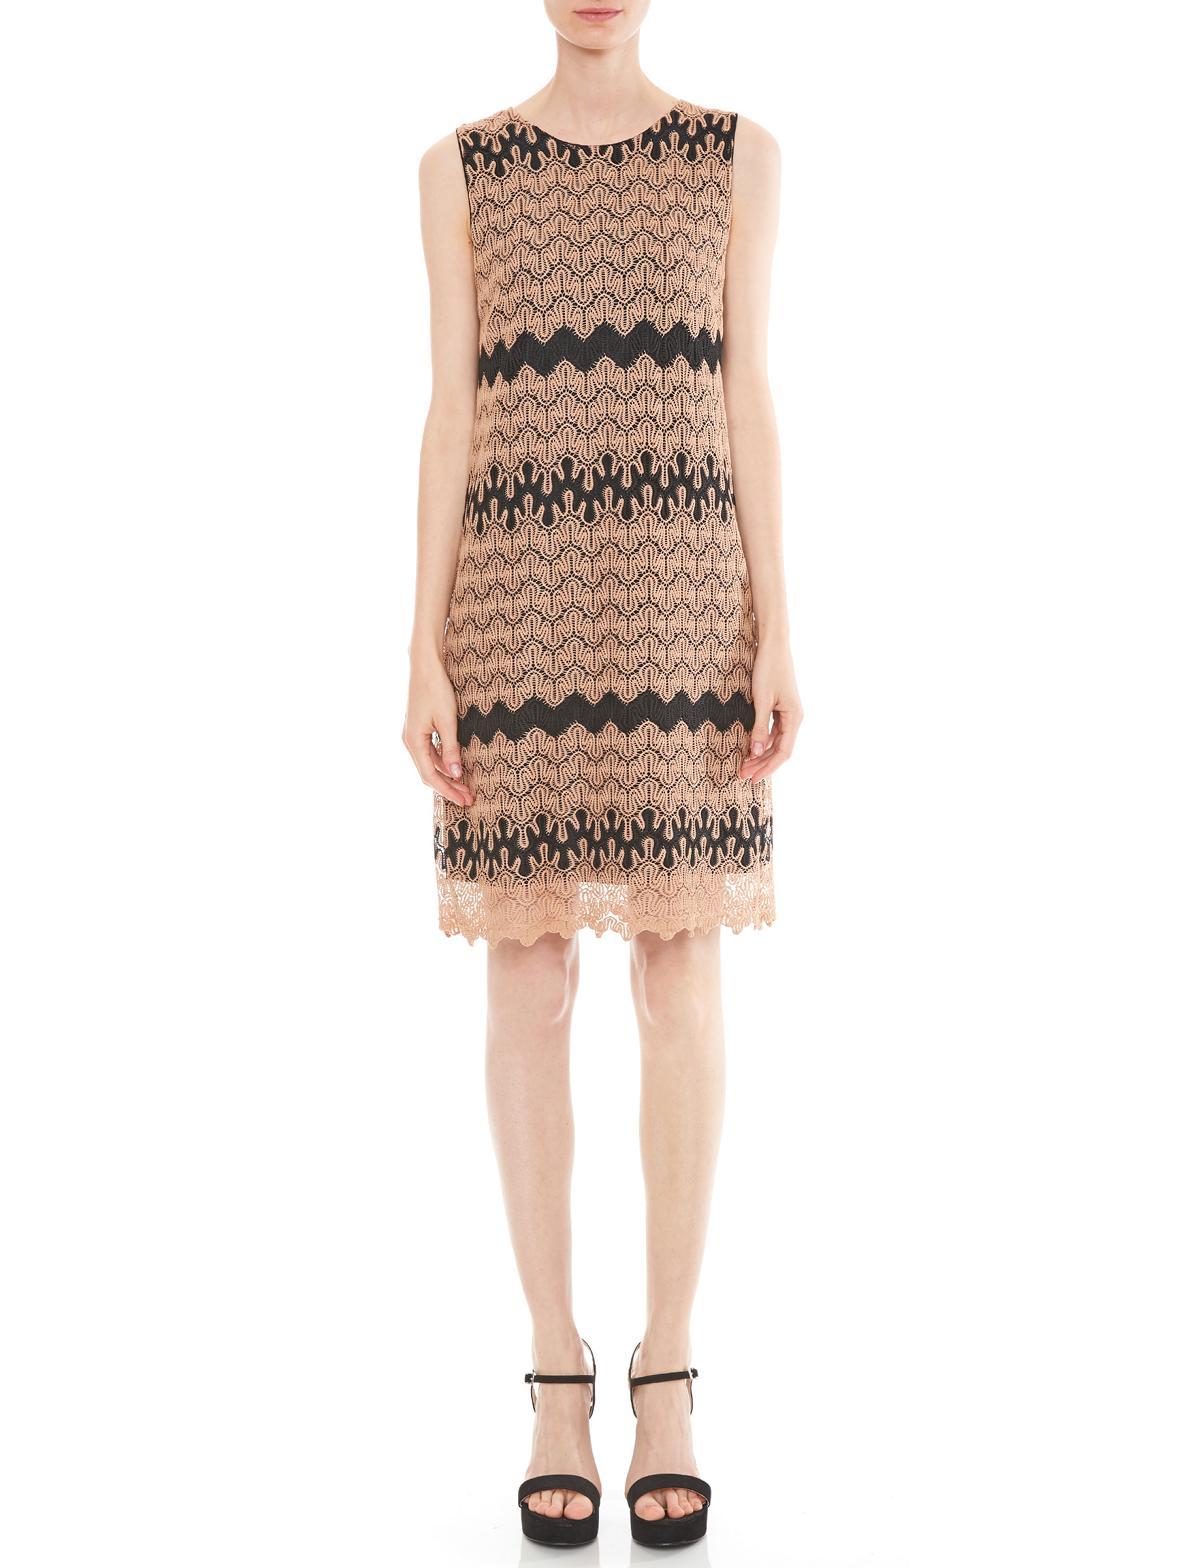 Vorderansicht von Ana Alcazar A-Linien Kleid Mashkalya  angezogen an Model